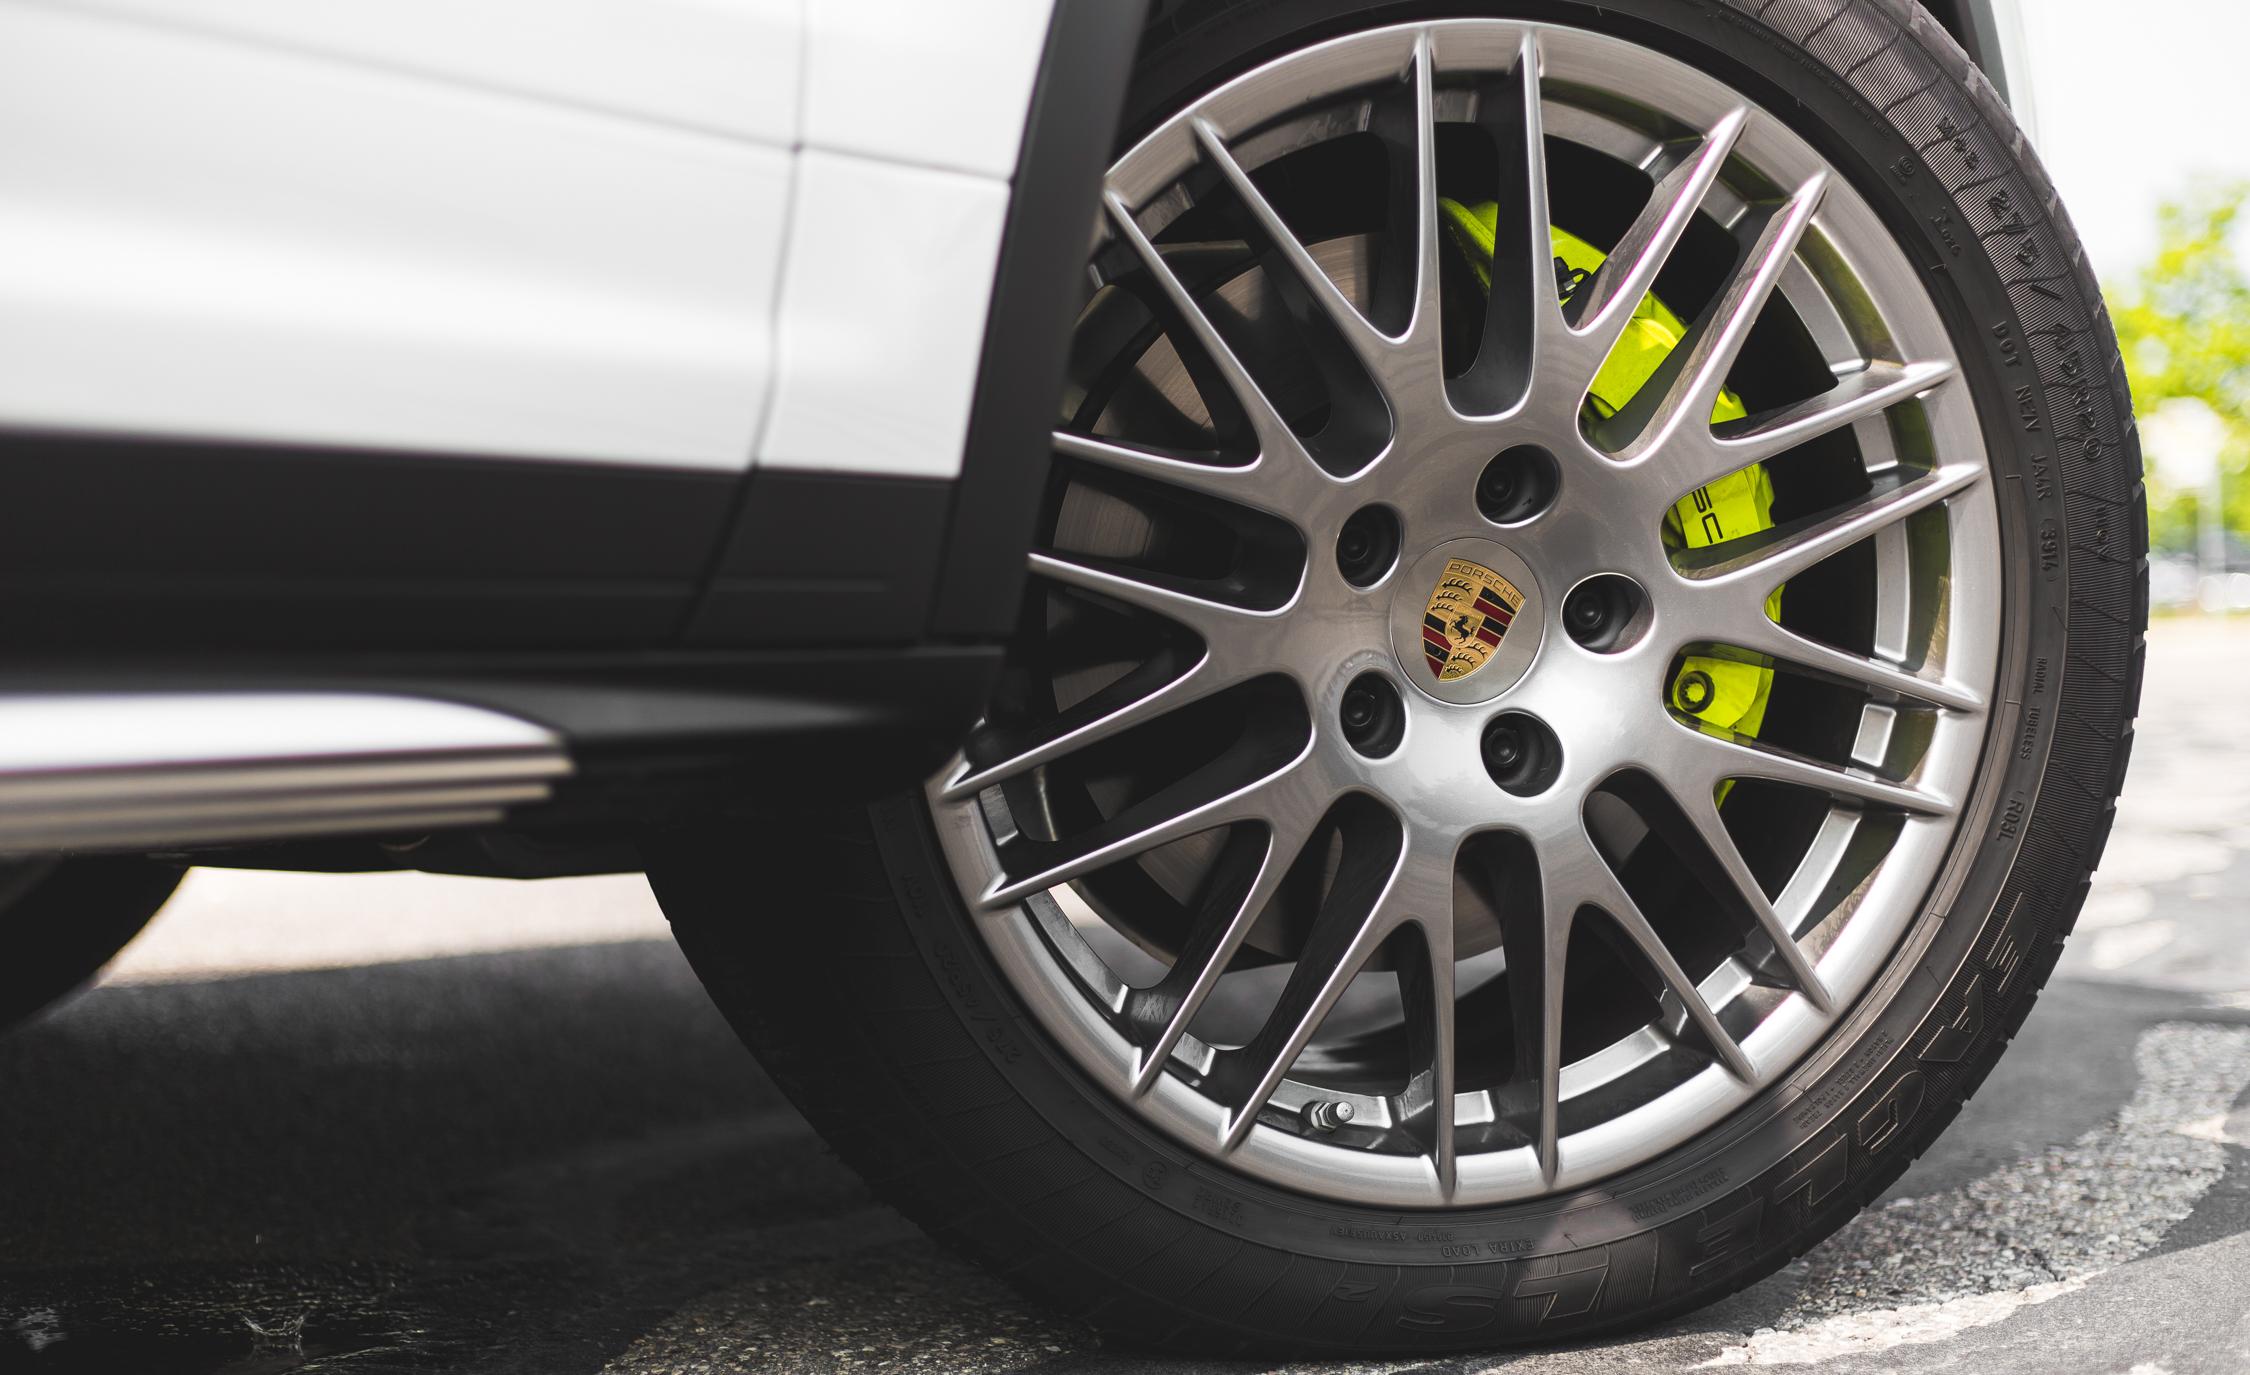 2015 Porsche Cayenne S E-Hybrid Exterior Wheel